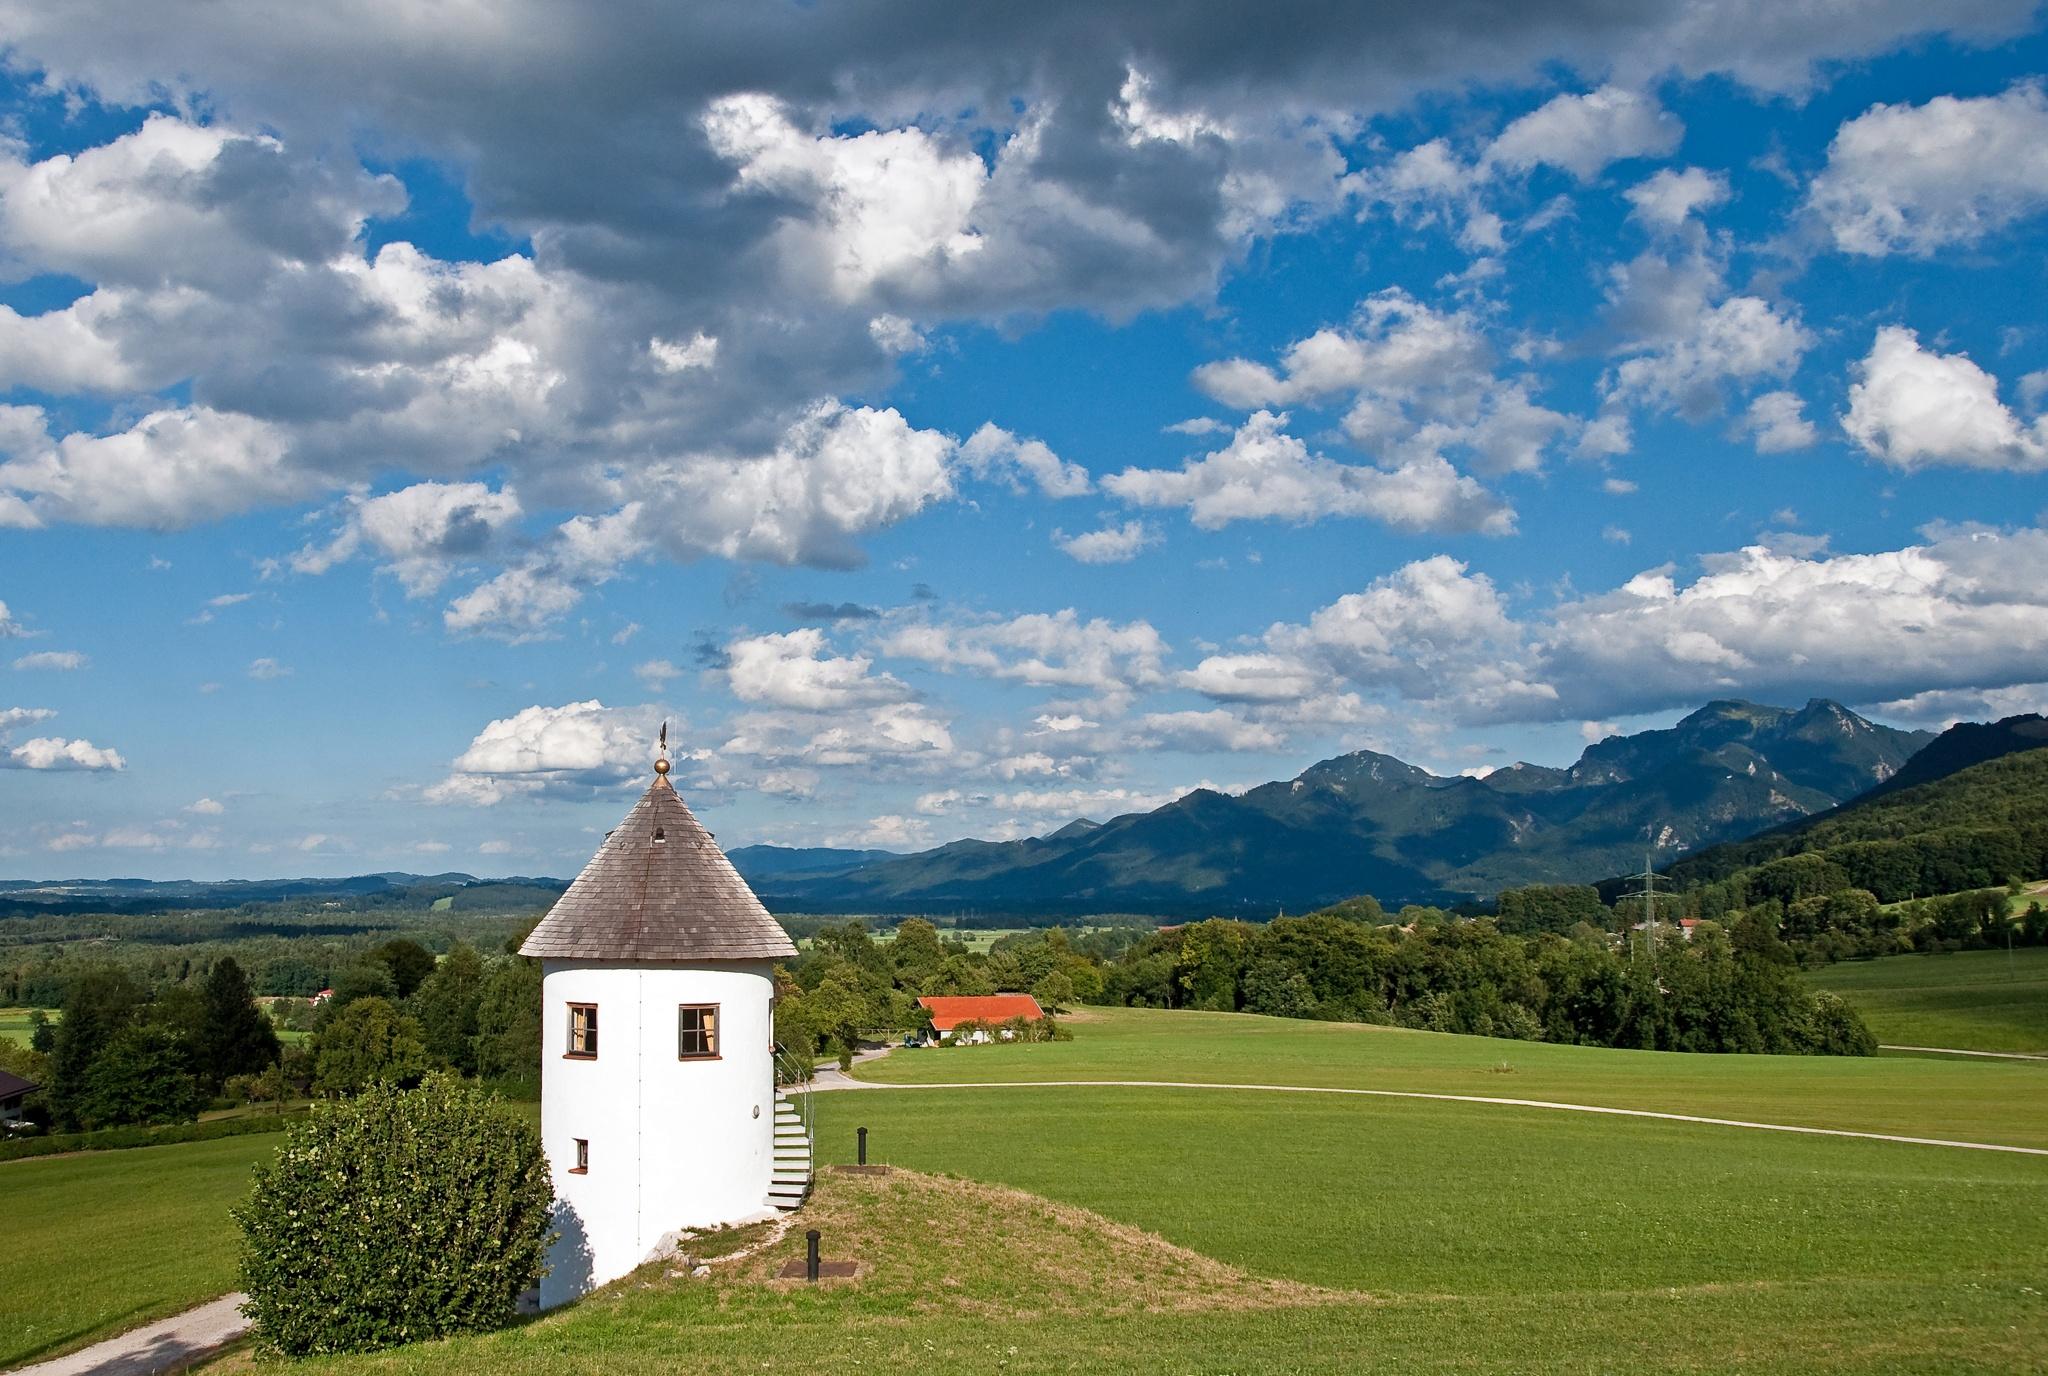 Berghamer Wasserturm